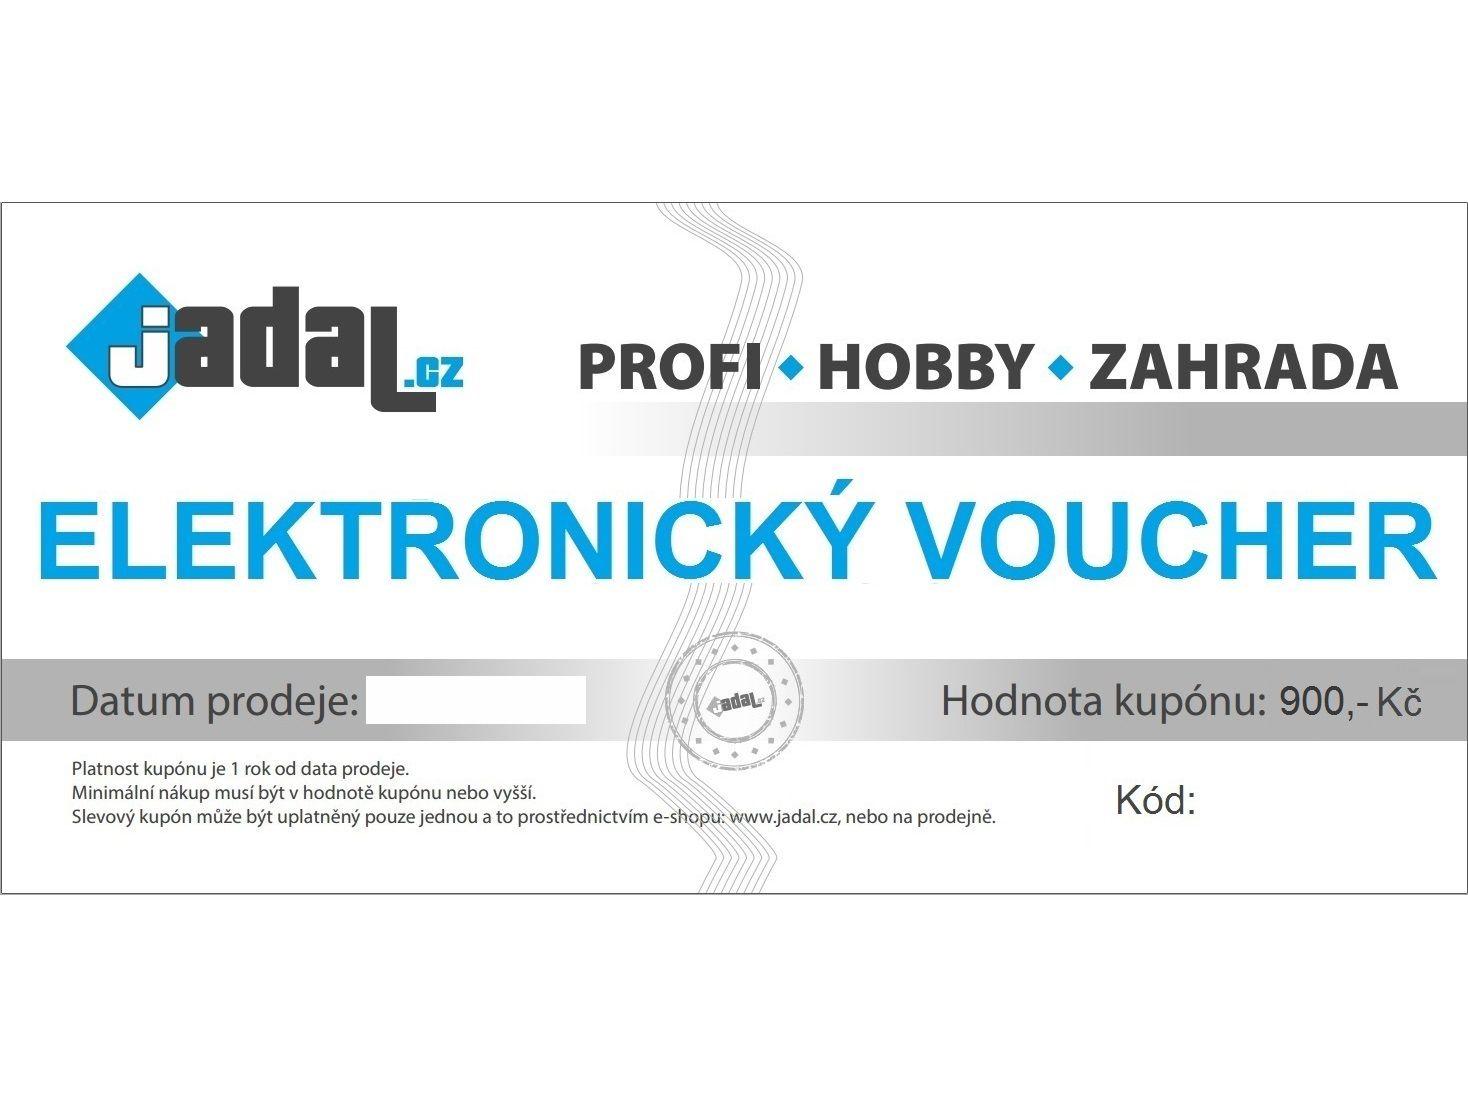 Elektronický voucher - poukaz v hodnotě 900,-Kč